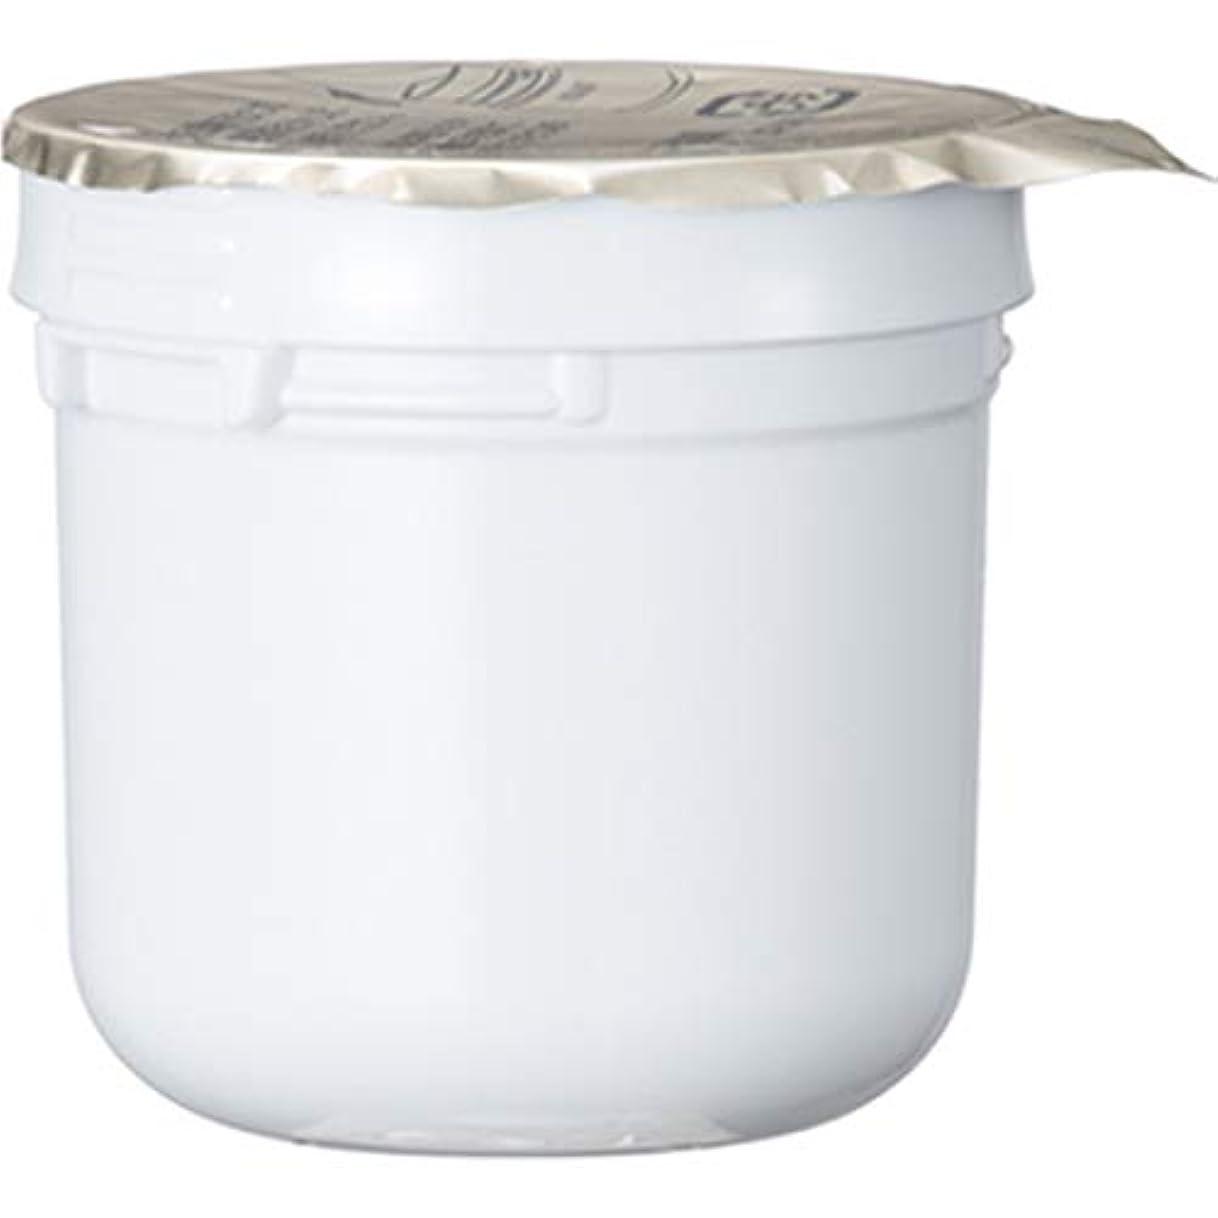 孤独妻百ASTALIFT(アスタリフト) ホワイト クリーム(美白クリーム)レフィル 30g [並行輸入品]